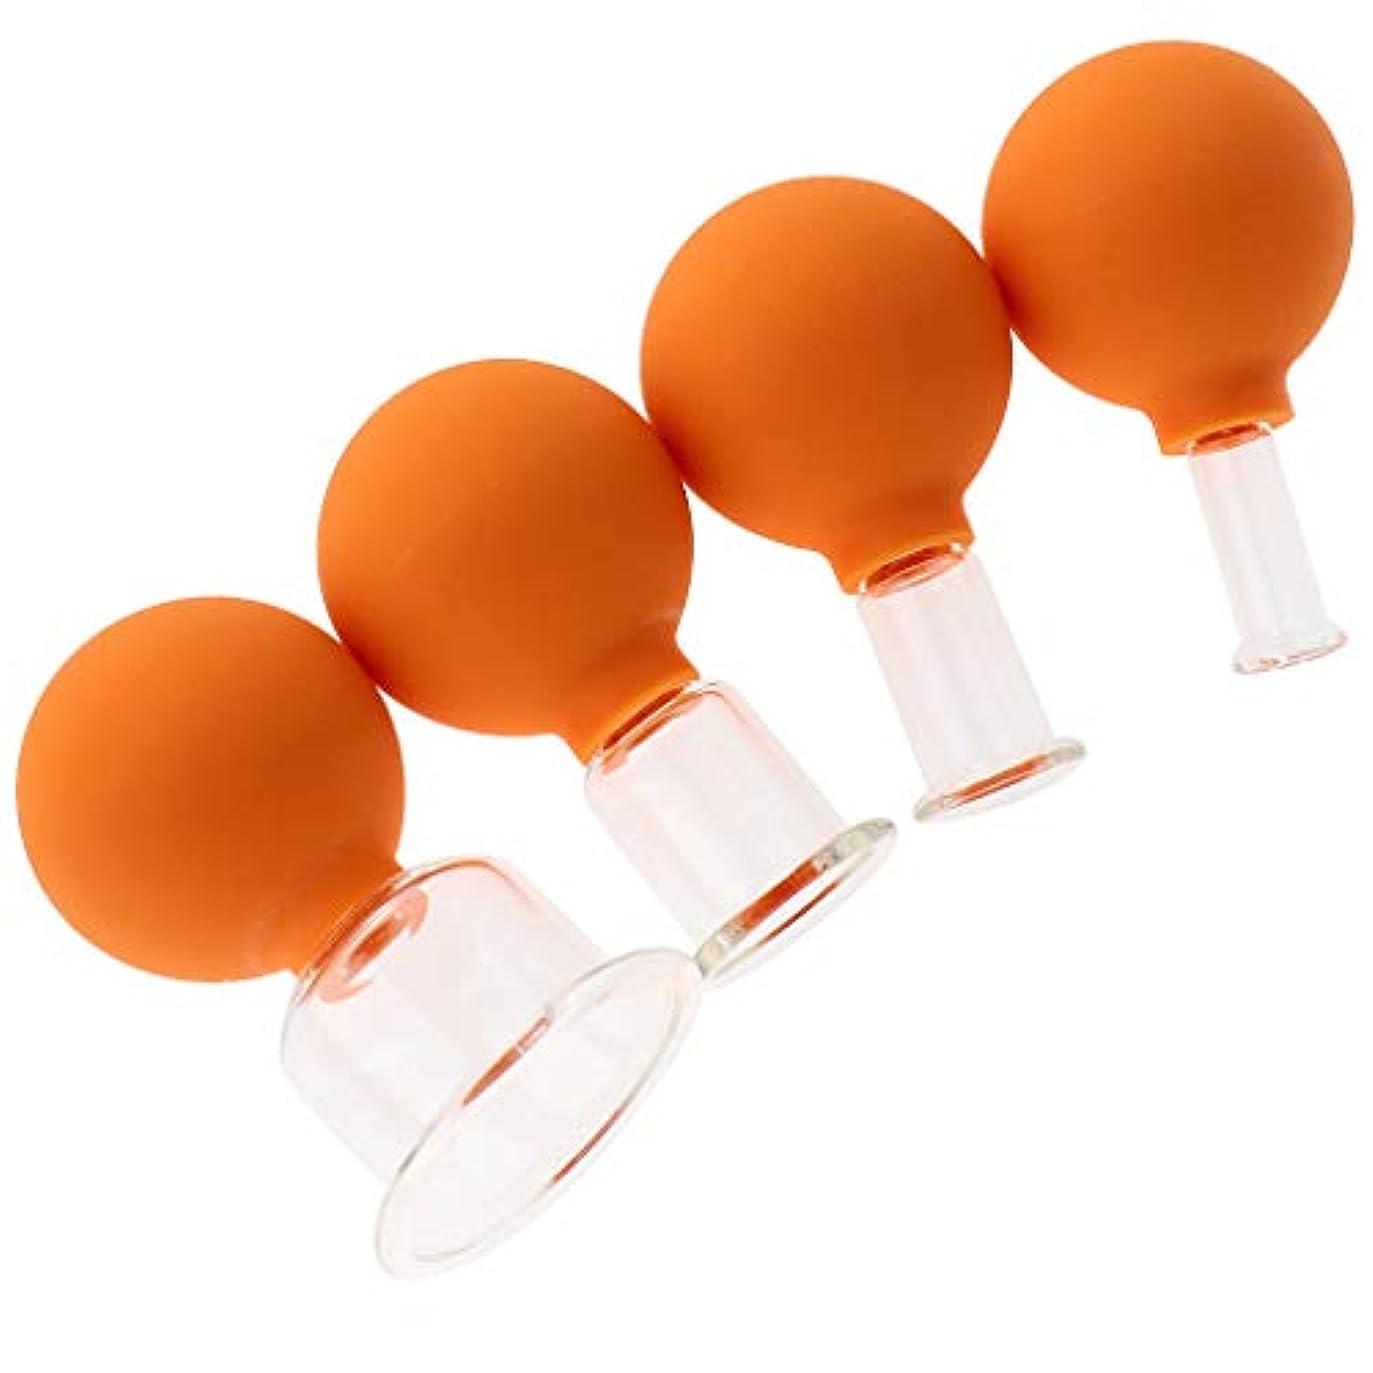 従来のテーブルを設定する帽子KESOTO 4個 マッサージ吸い玉 カッピングカップ ガラスカッピング 真空 男女兼用 実用的 全3色 - オレンジ